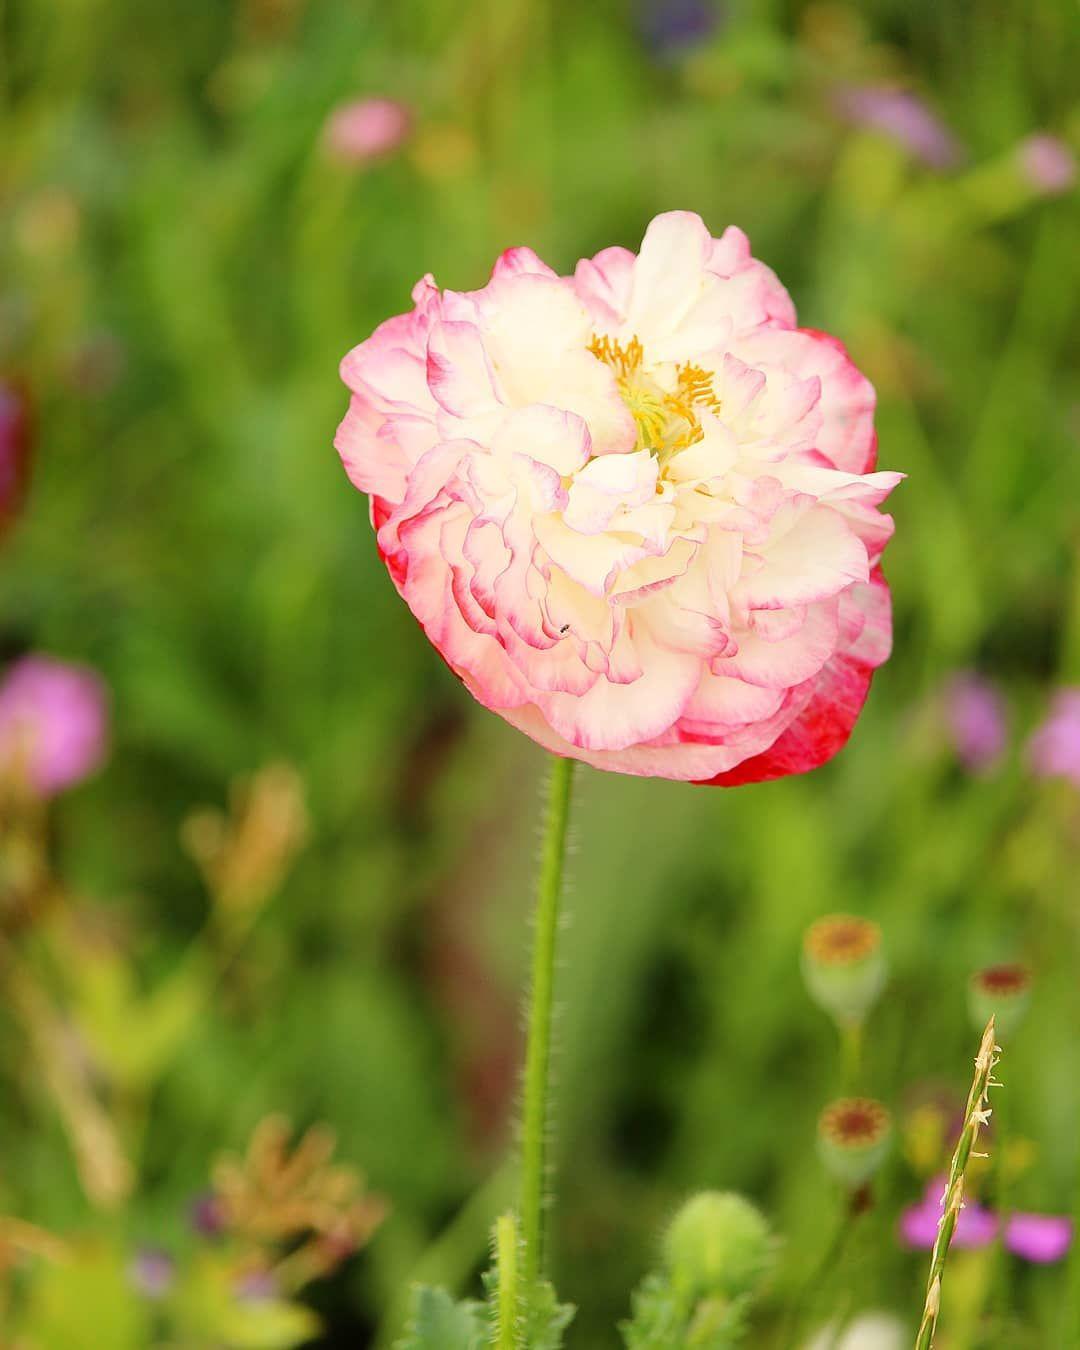 Wunderschone Mohnblume Auf Einer Wildblumenwiese Gefullt Und Mit Toller Farbe Da Kann Man Nicht Vorbeigehen Mohnblumenfeld Blut Flowers Plants Garden